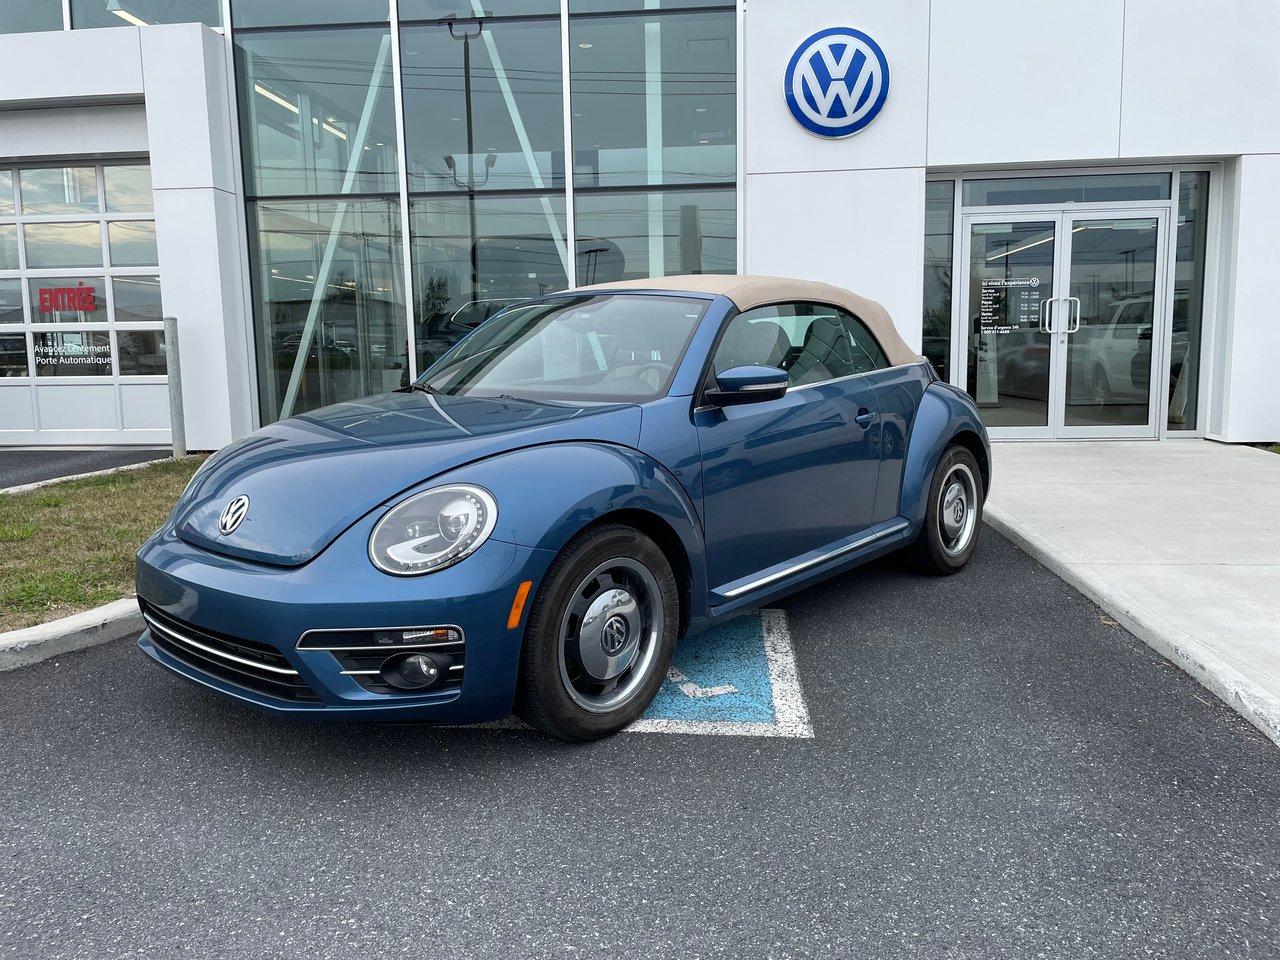 Volkswagen Beetle 2018 Coast